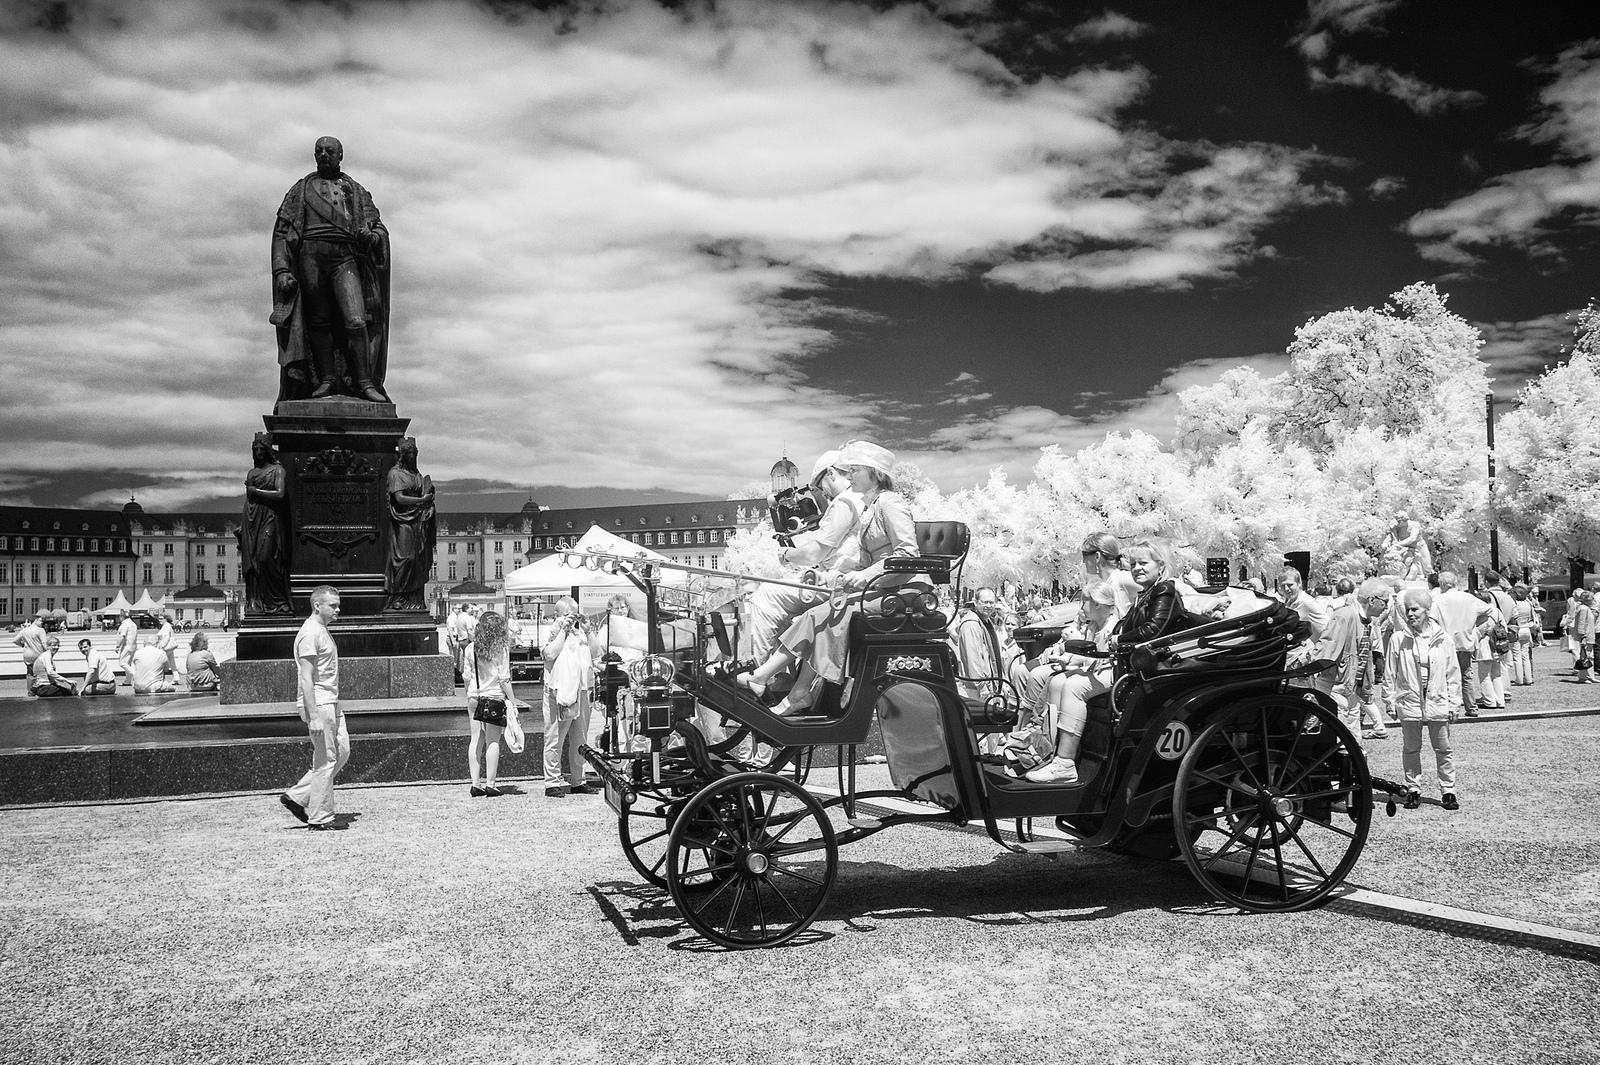 201306 Karlsruhe - Oldtimertreff